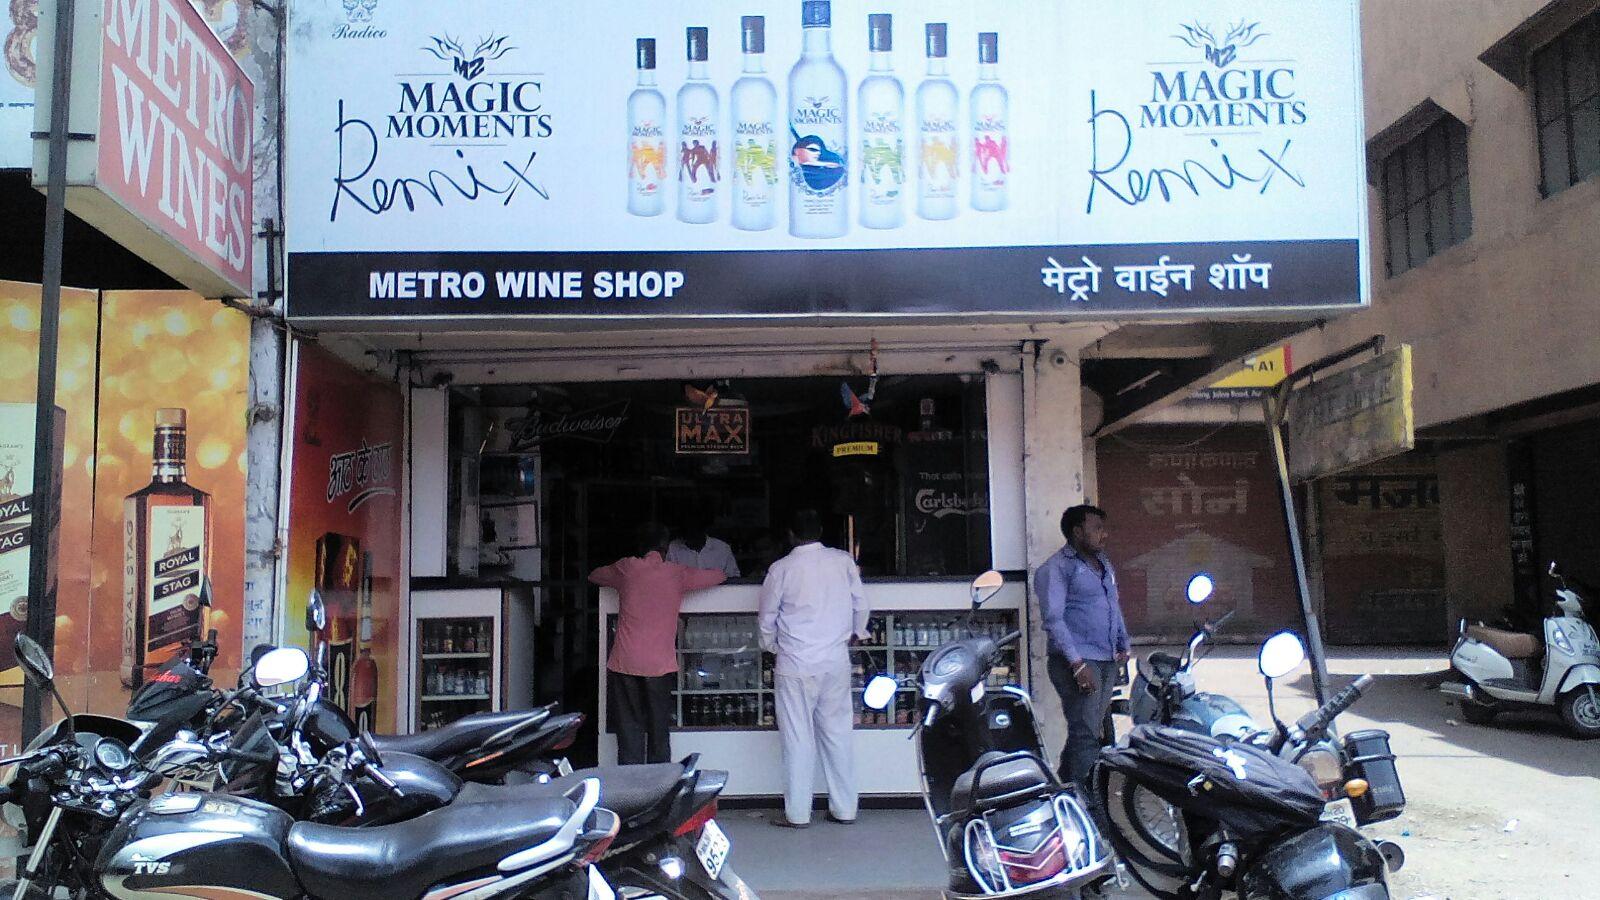 Metro Wine Shop